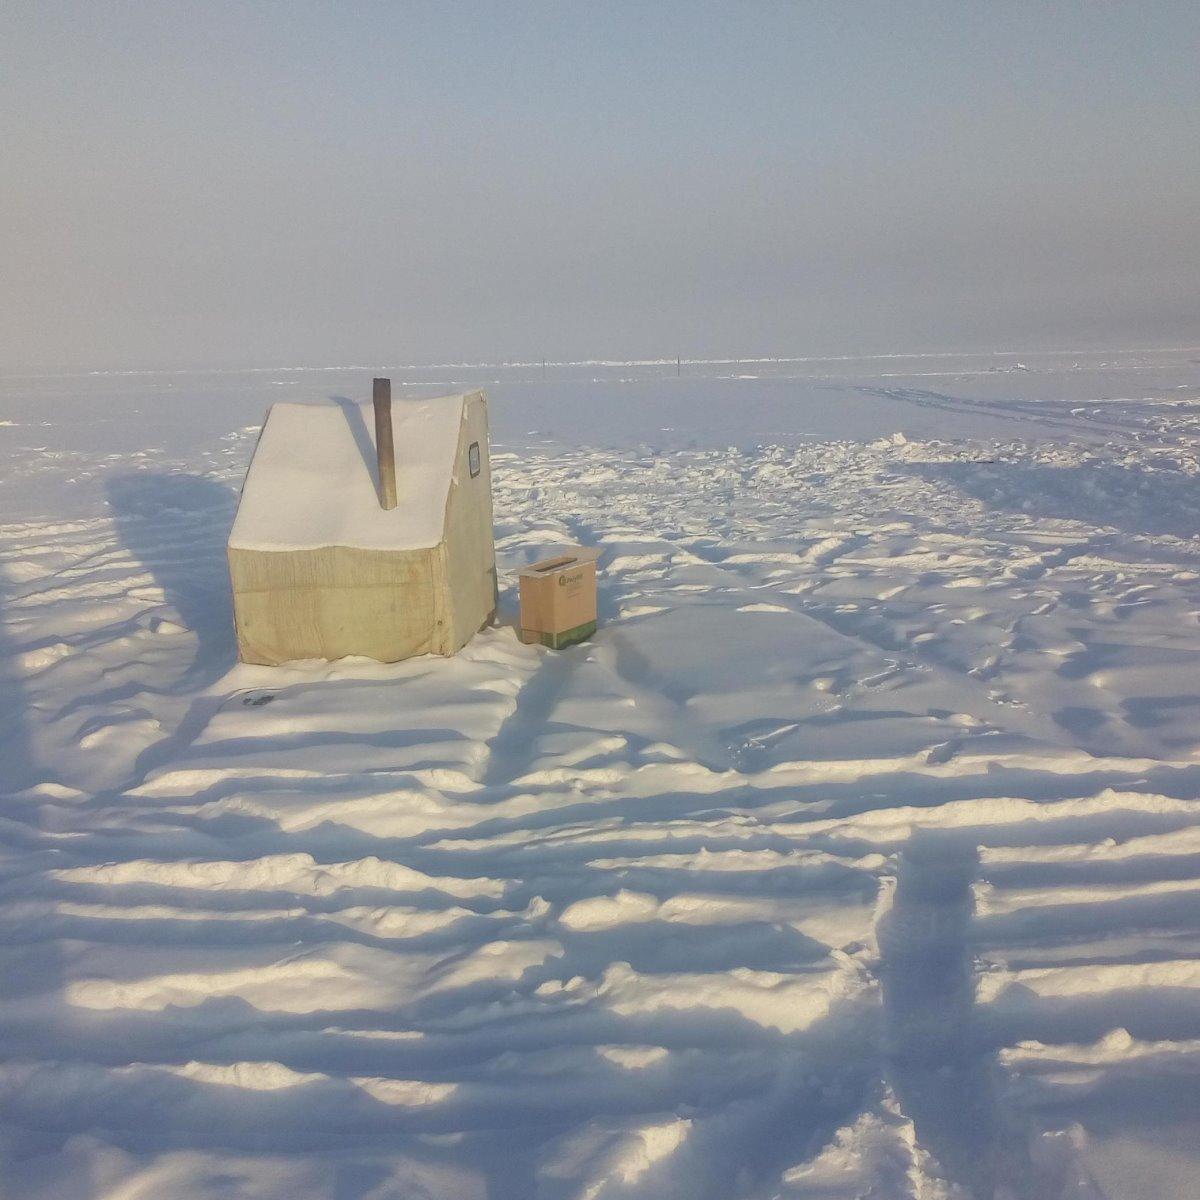 επαρχία σκεπασμένη με χιόνι στο Yakutsk Σιβηρία κρύα πόλη